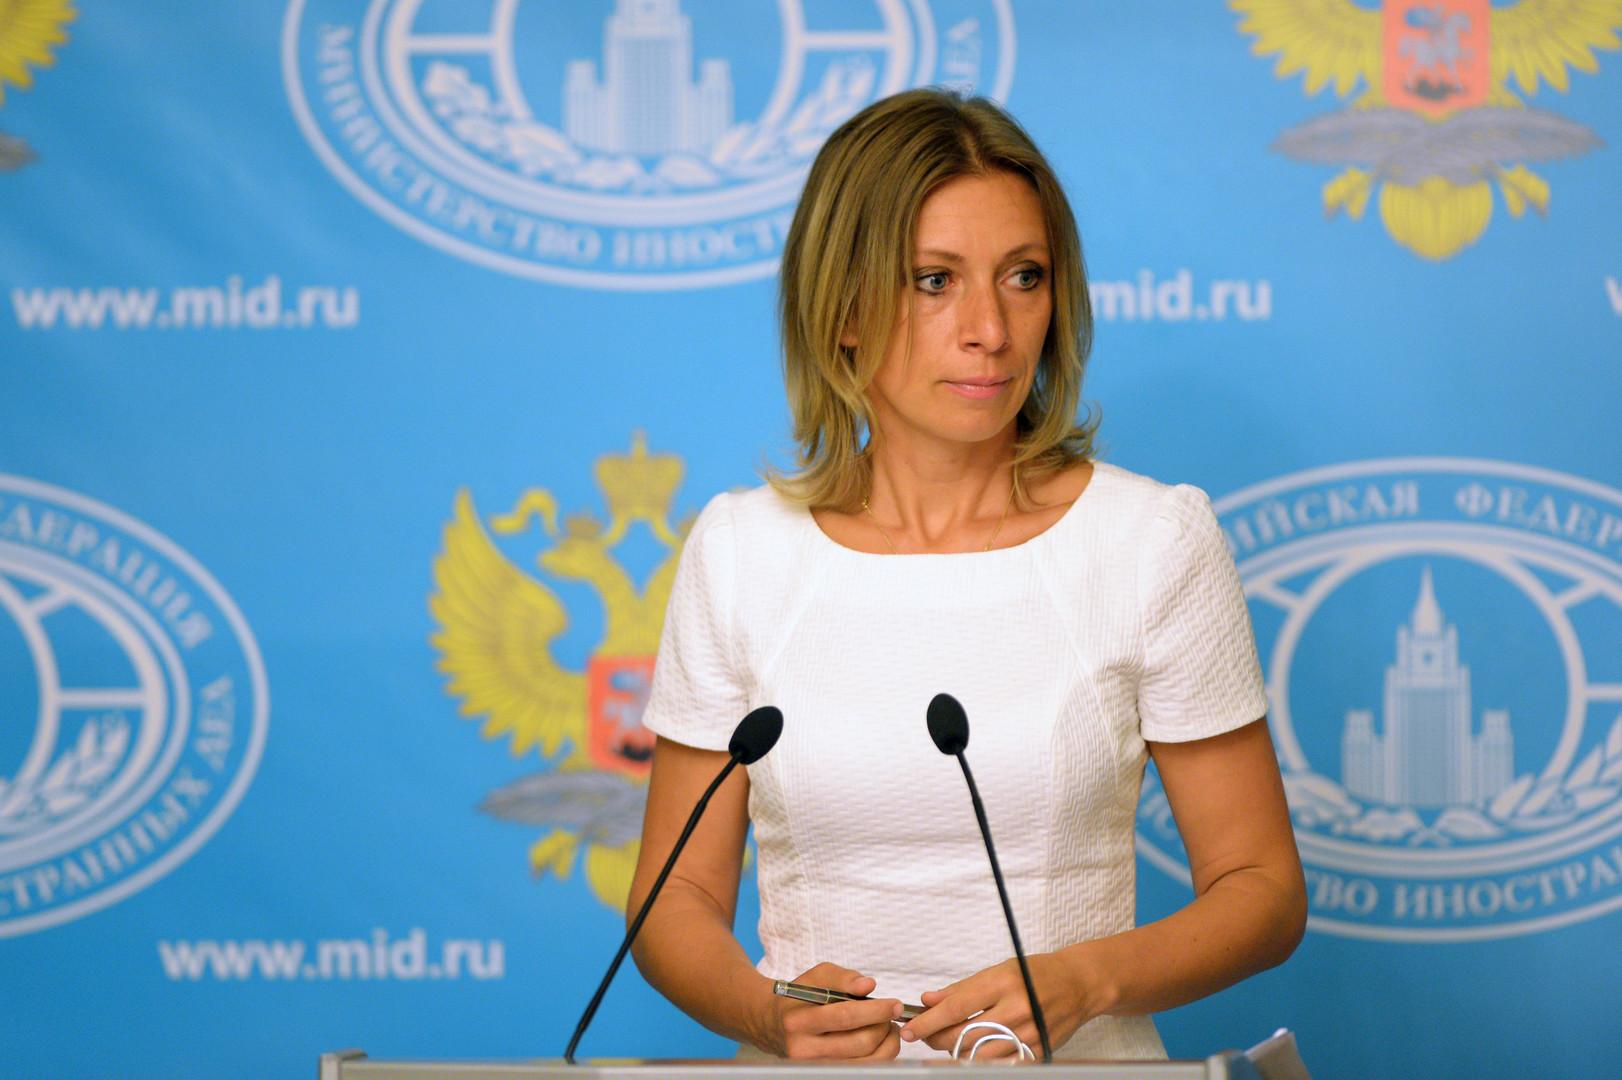 Захарова пригласила журналистов The Guardian встретиться с российскими паралимпийцами